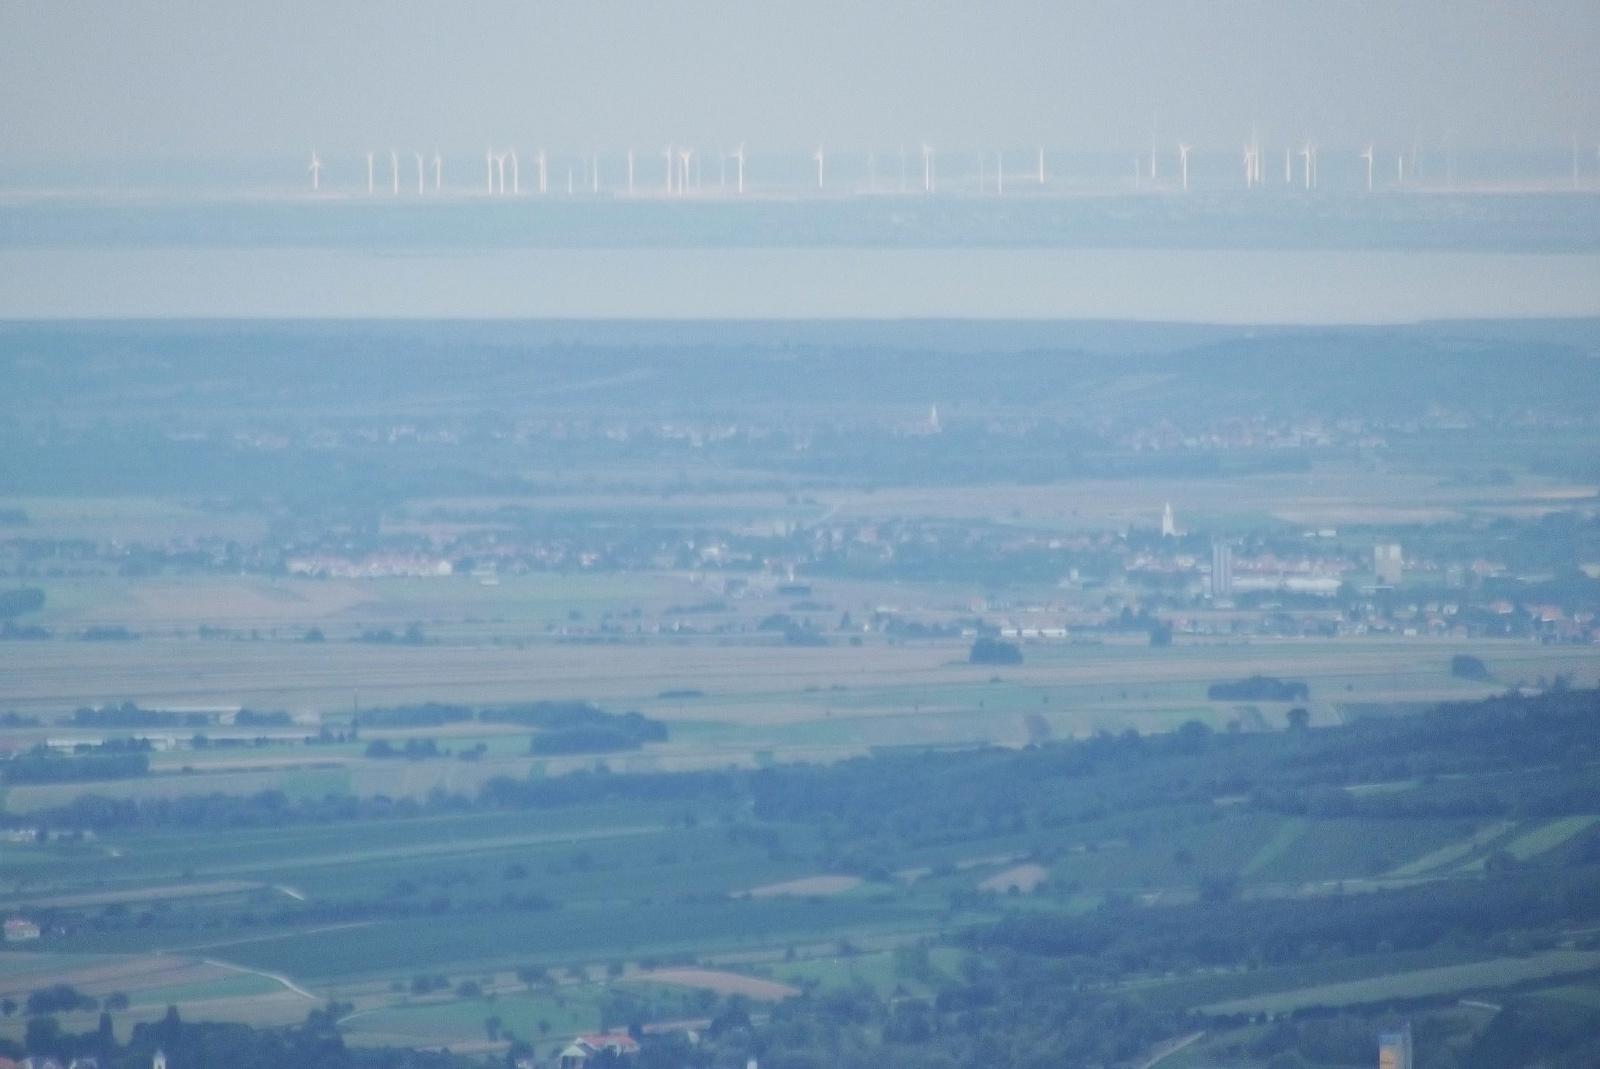 Messze-messze a Fertő-tó. és a szélkerekek